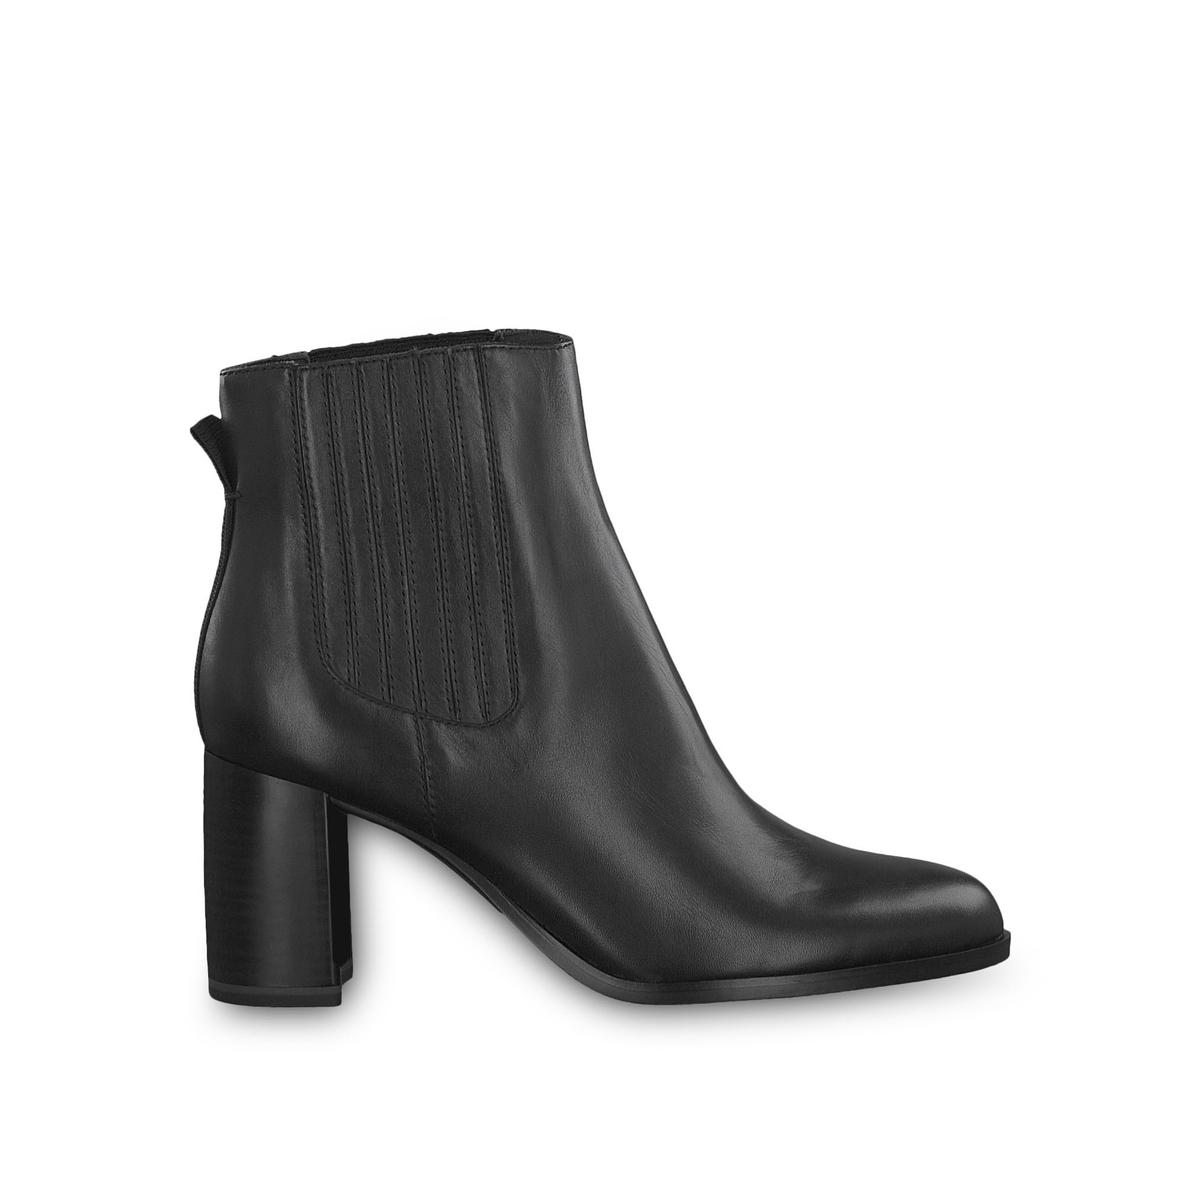 Ботильоны La Redoute Кожаные на каблуке Ylenia 36 черный ботильоны la redoute кожаные на каблуке claudette calf 37 черный